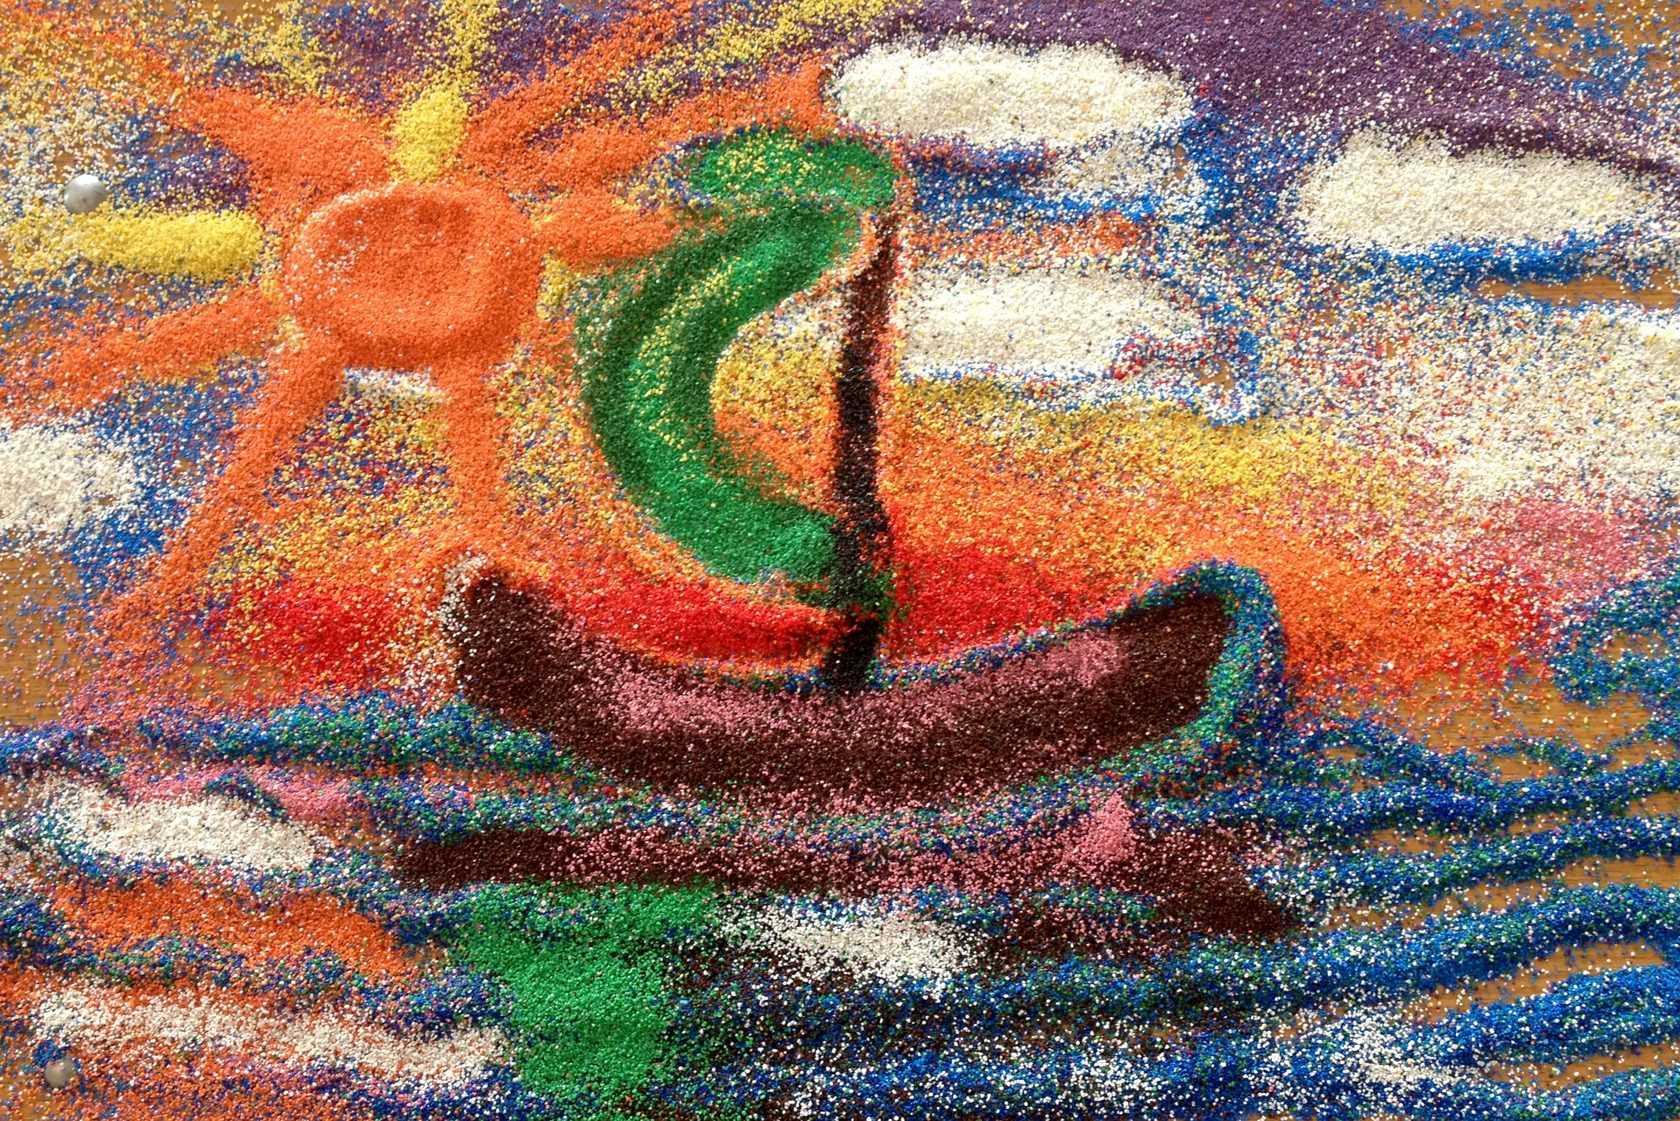 Фрески из песка: песочные картины для детей, неоновые фрески из цветного песка и другие. как ими пользоваться?